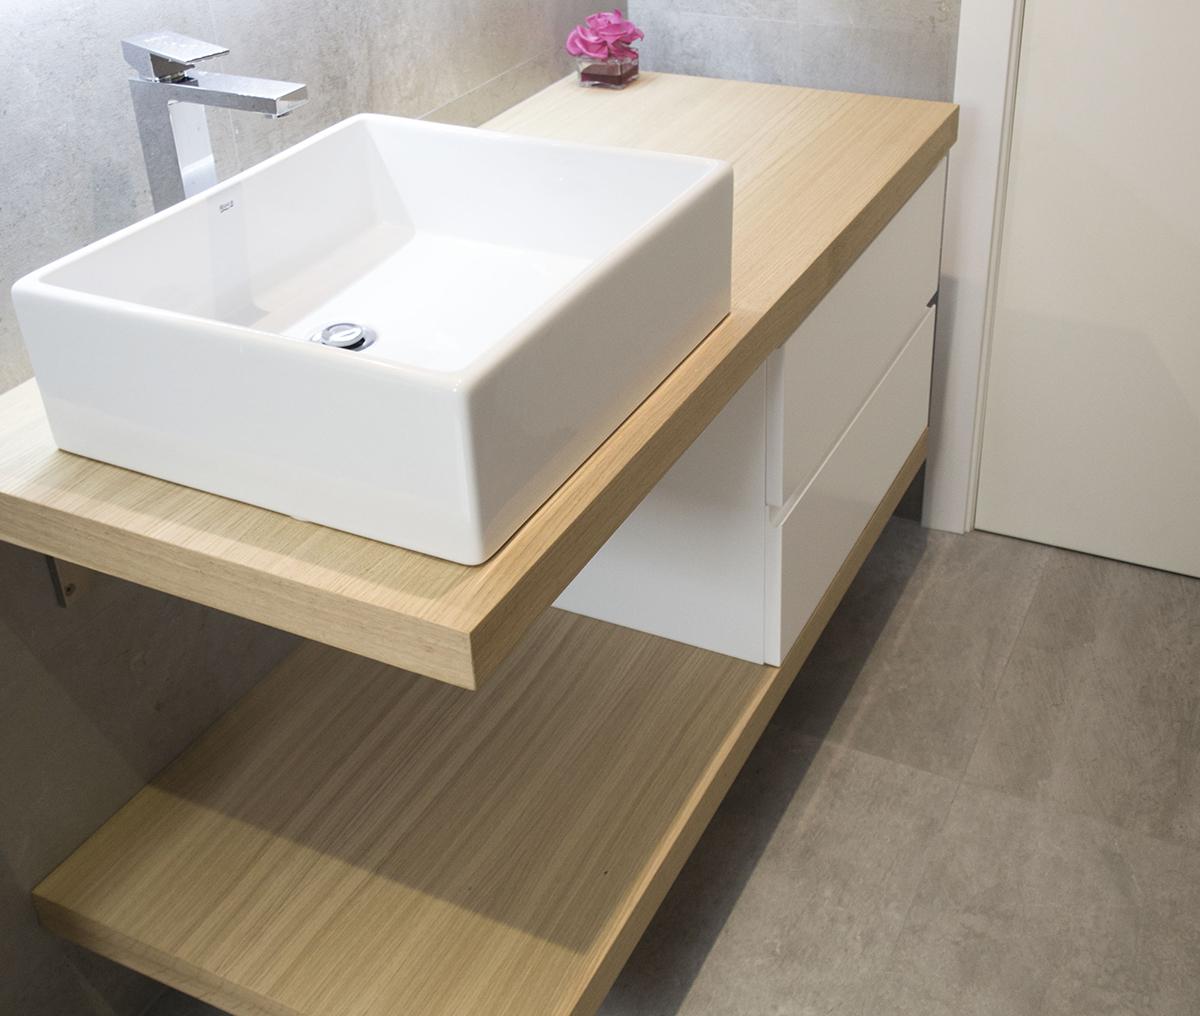 Mueble de baño a medida con encimera de madera